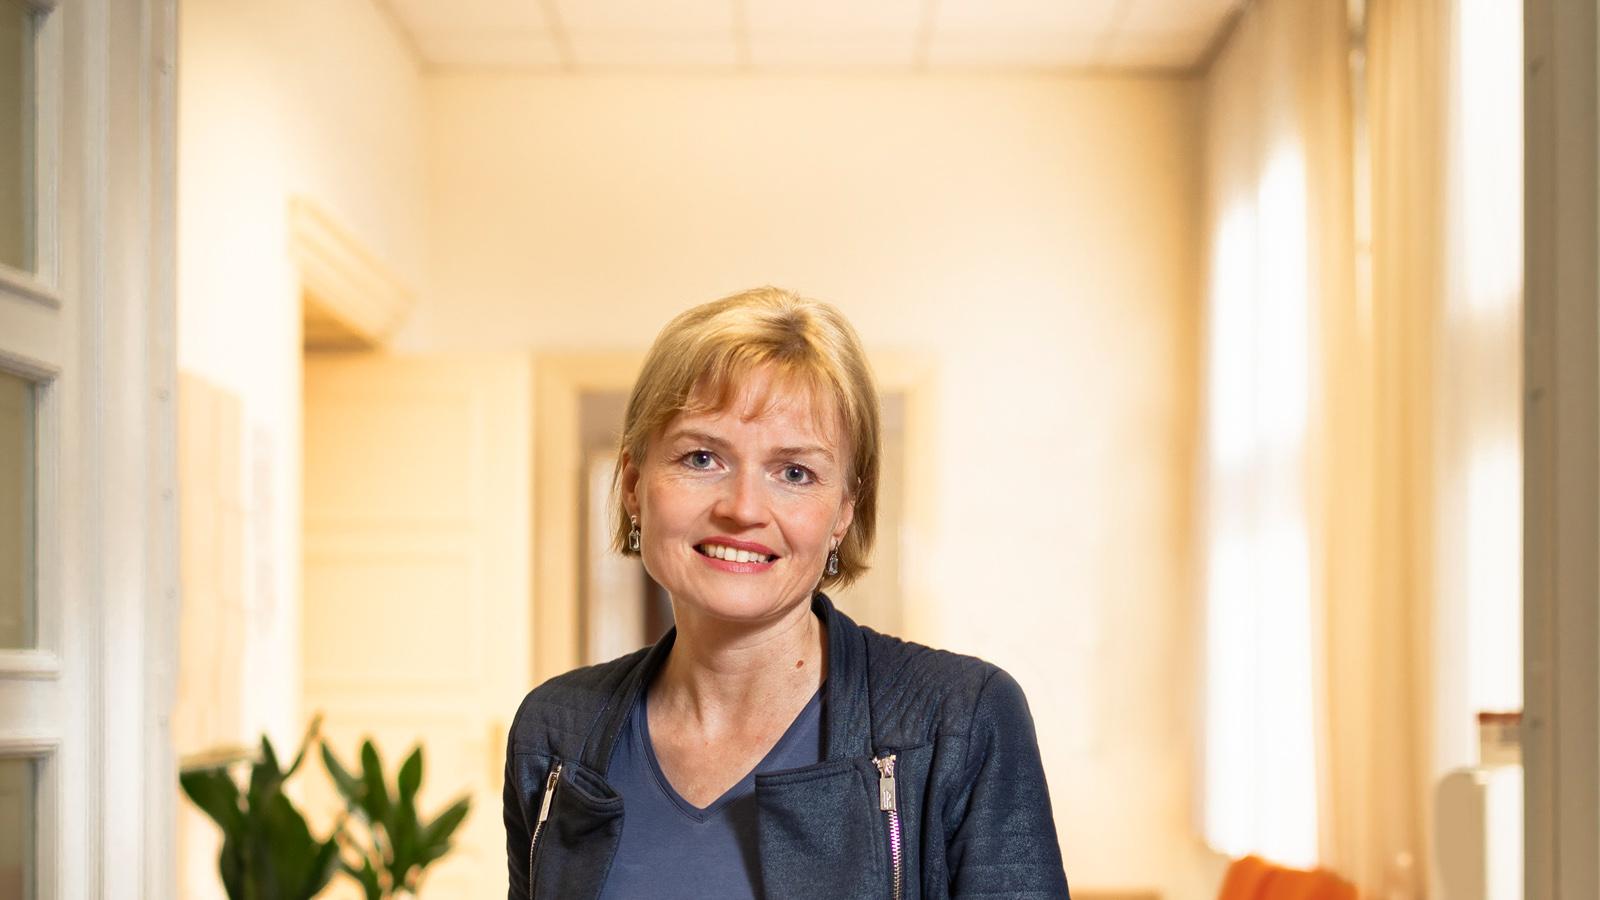 Silke Kobald – die freundliche Kämpferin | story.one